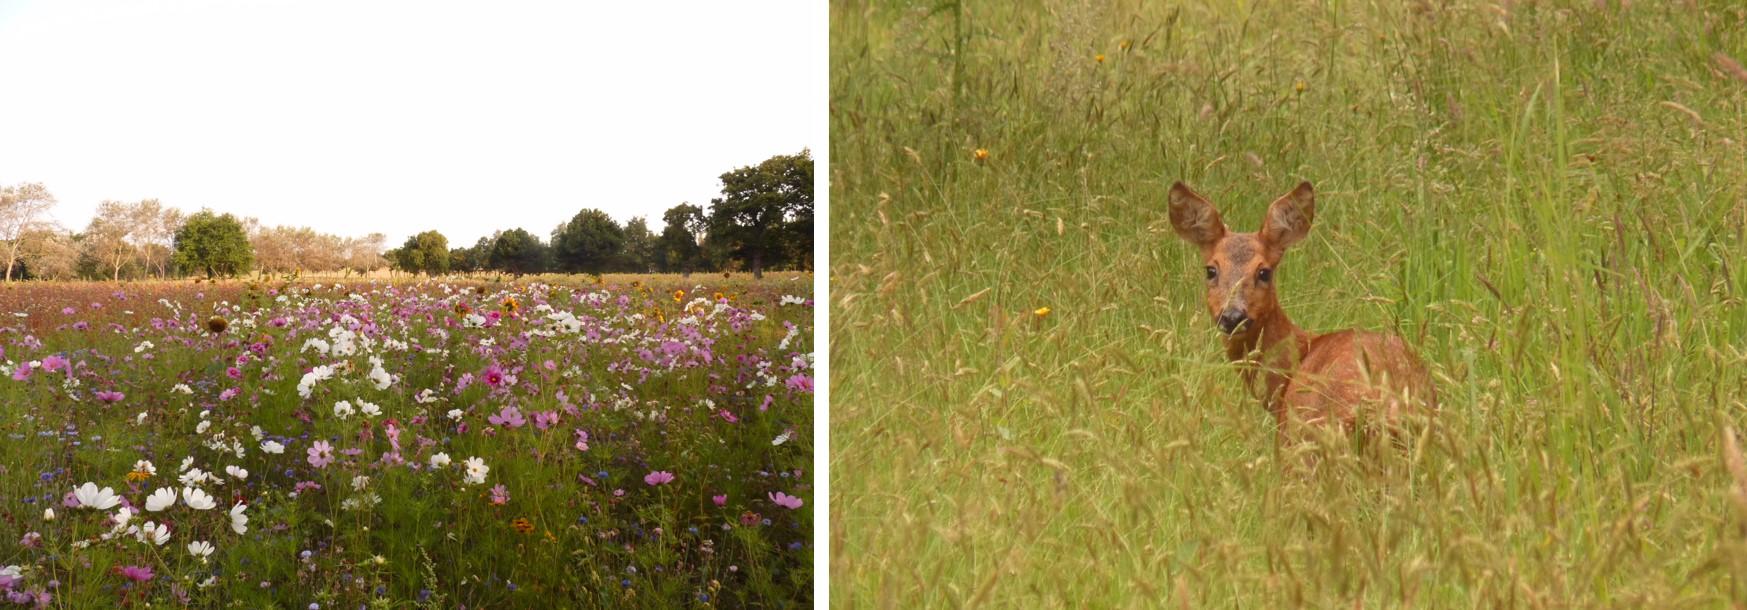 Banniere jachere fleurie et chevreuil 1